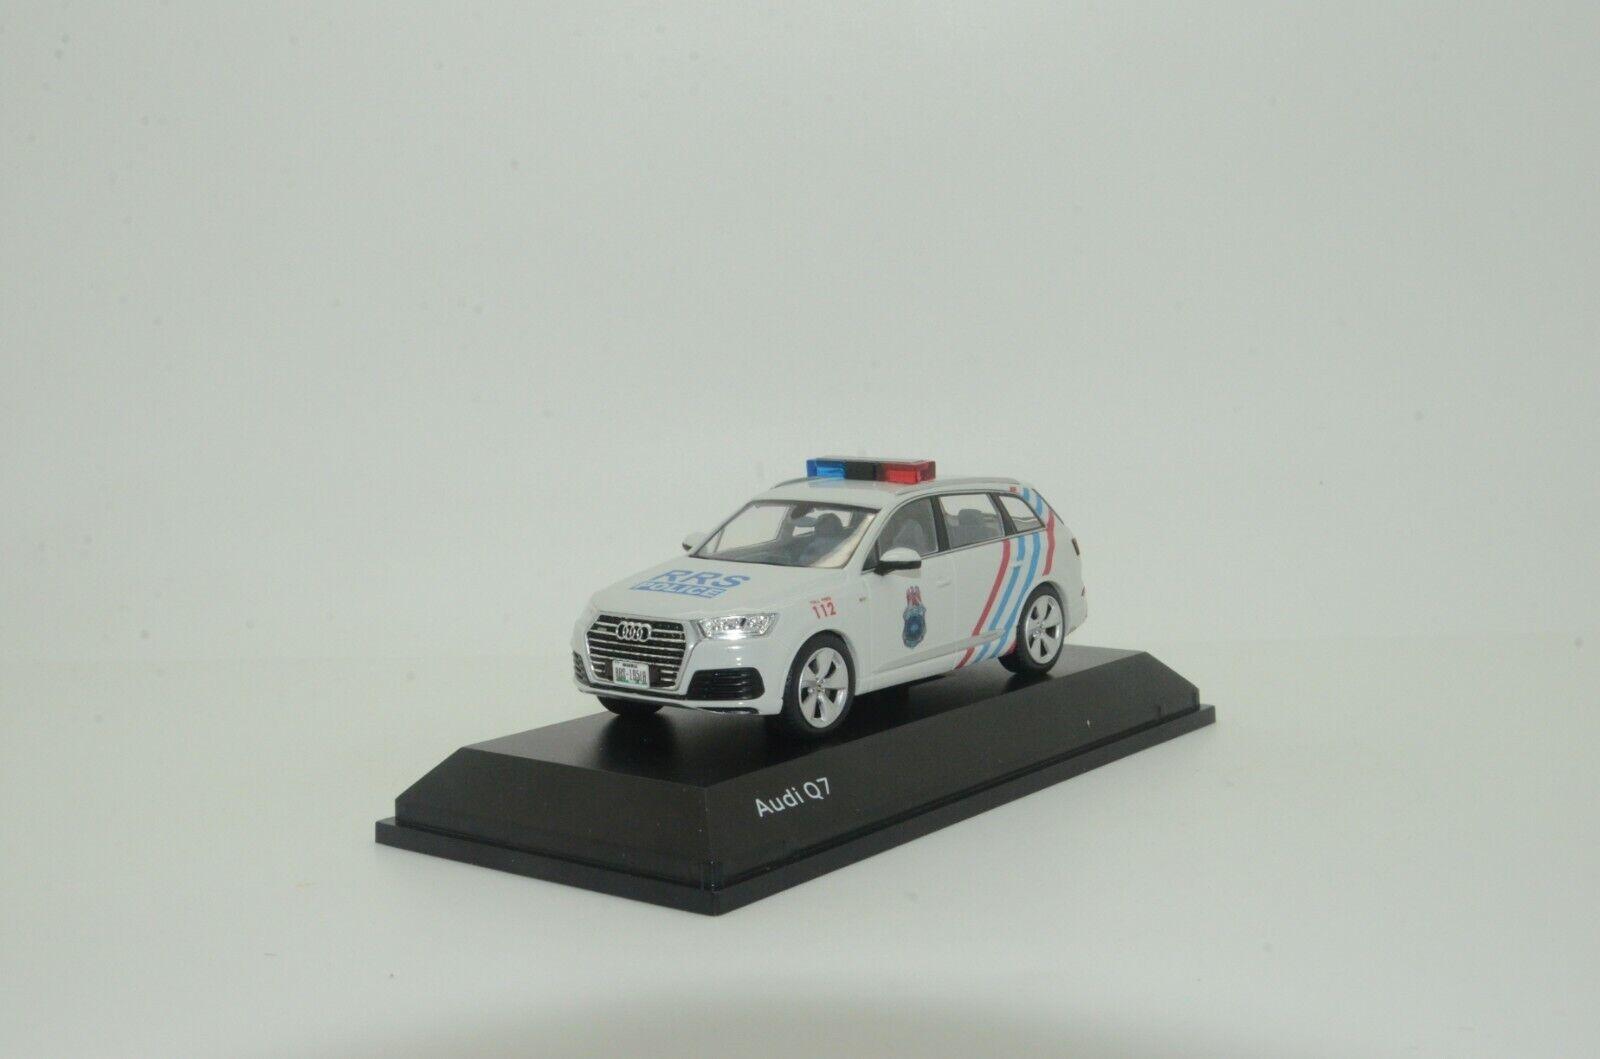 100% autentico   Raro Raro Raro  nuevo Audi Q7 Nigeria policía Hecho a Medida 1 43  perfecto